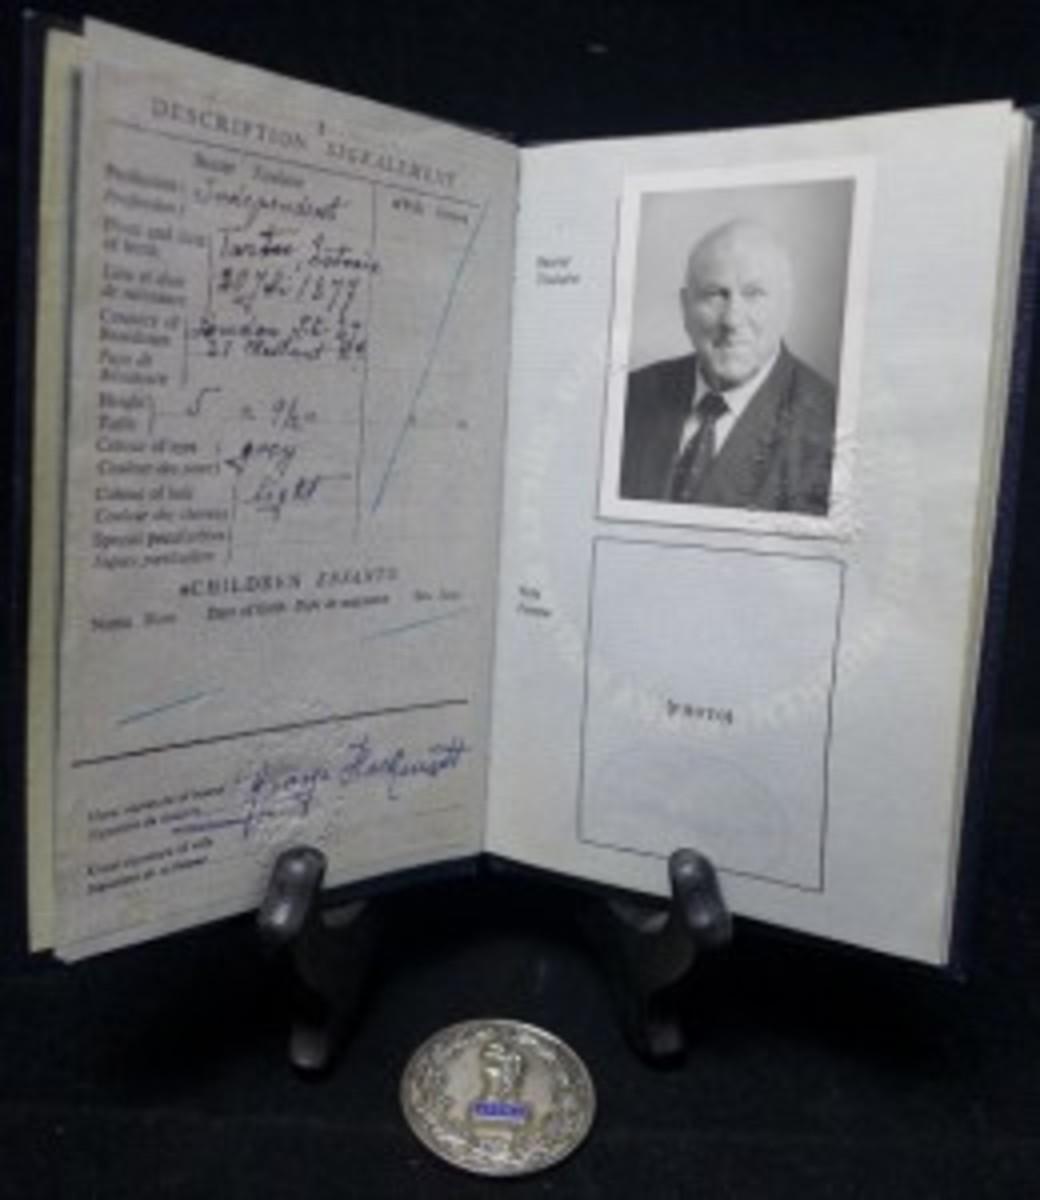 Hackenschmidt passport and medal